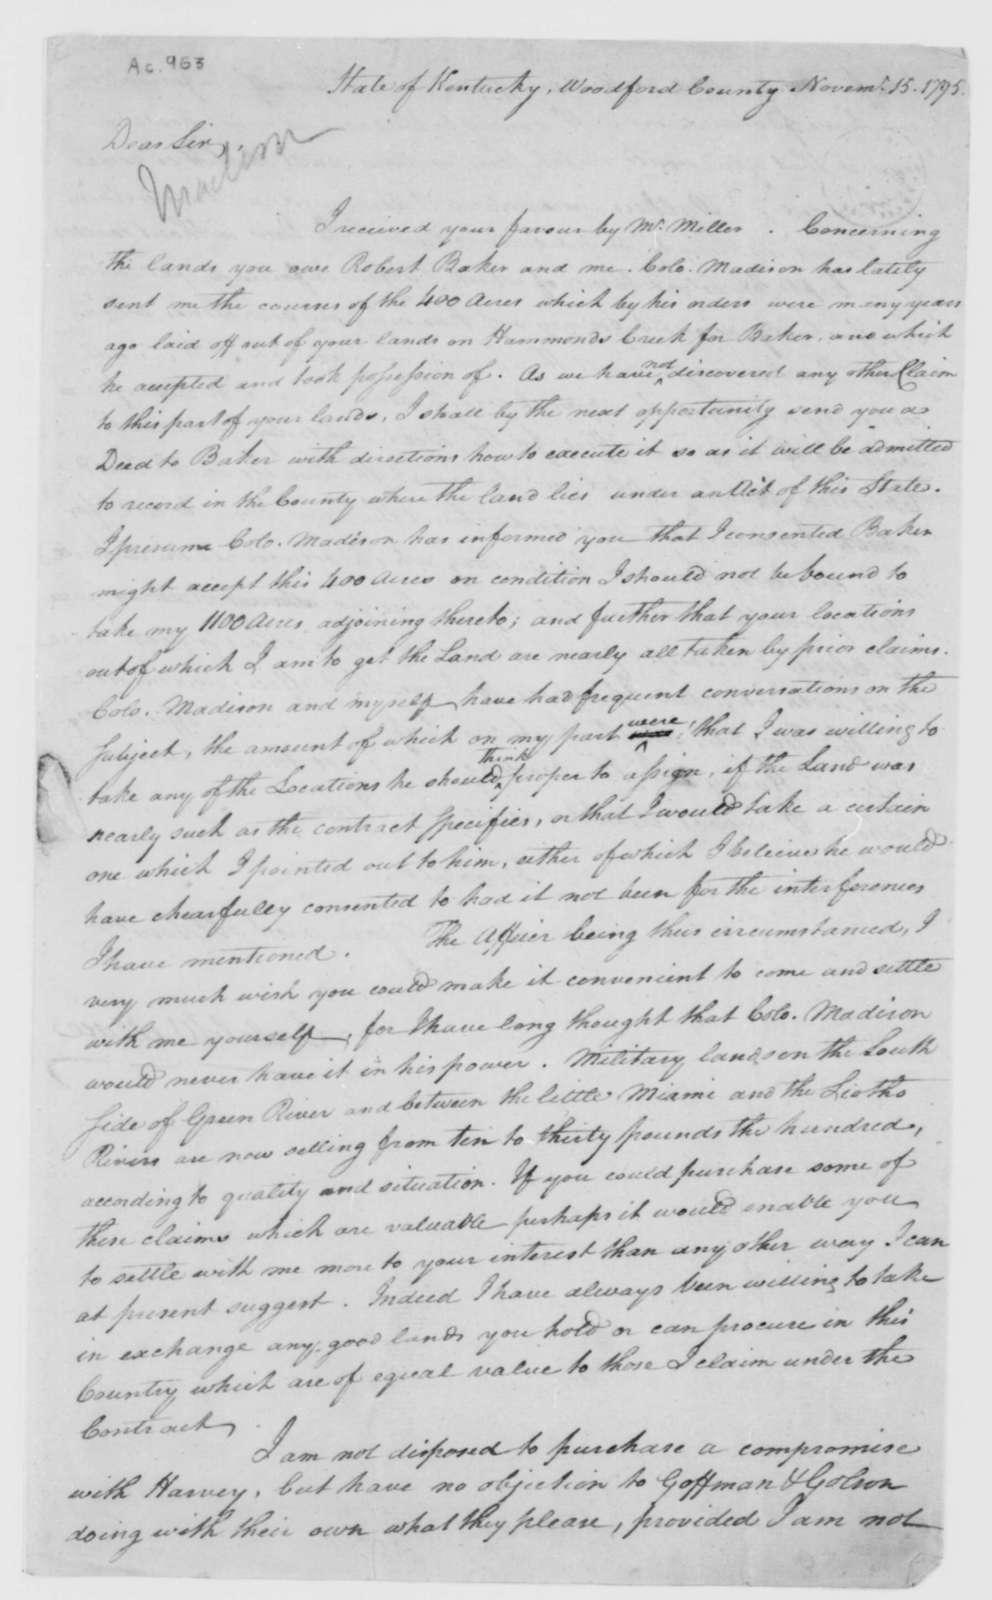 Caleb Wallace to Thomas F. Madison, November 15, 1795.